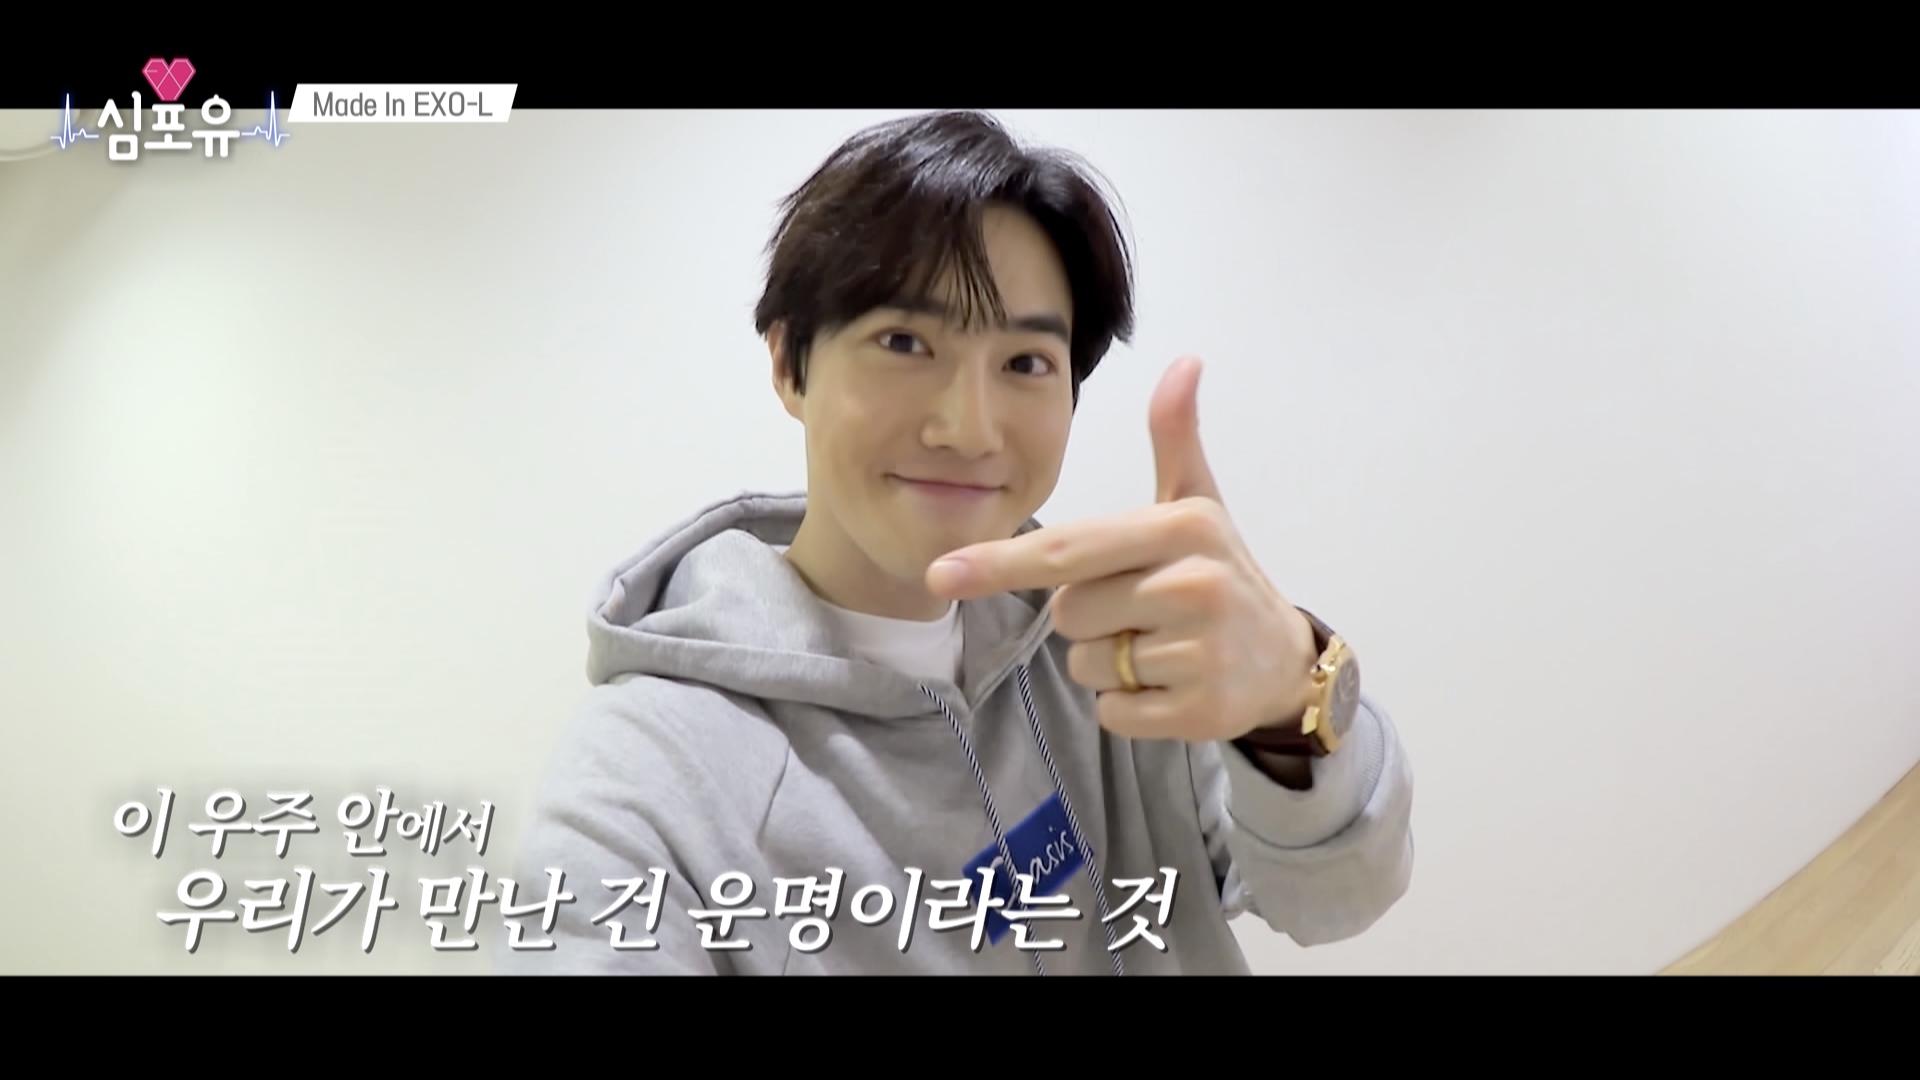 [심포유 #수호] #Special Clip #Made In EXO-L